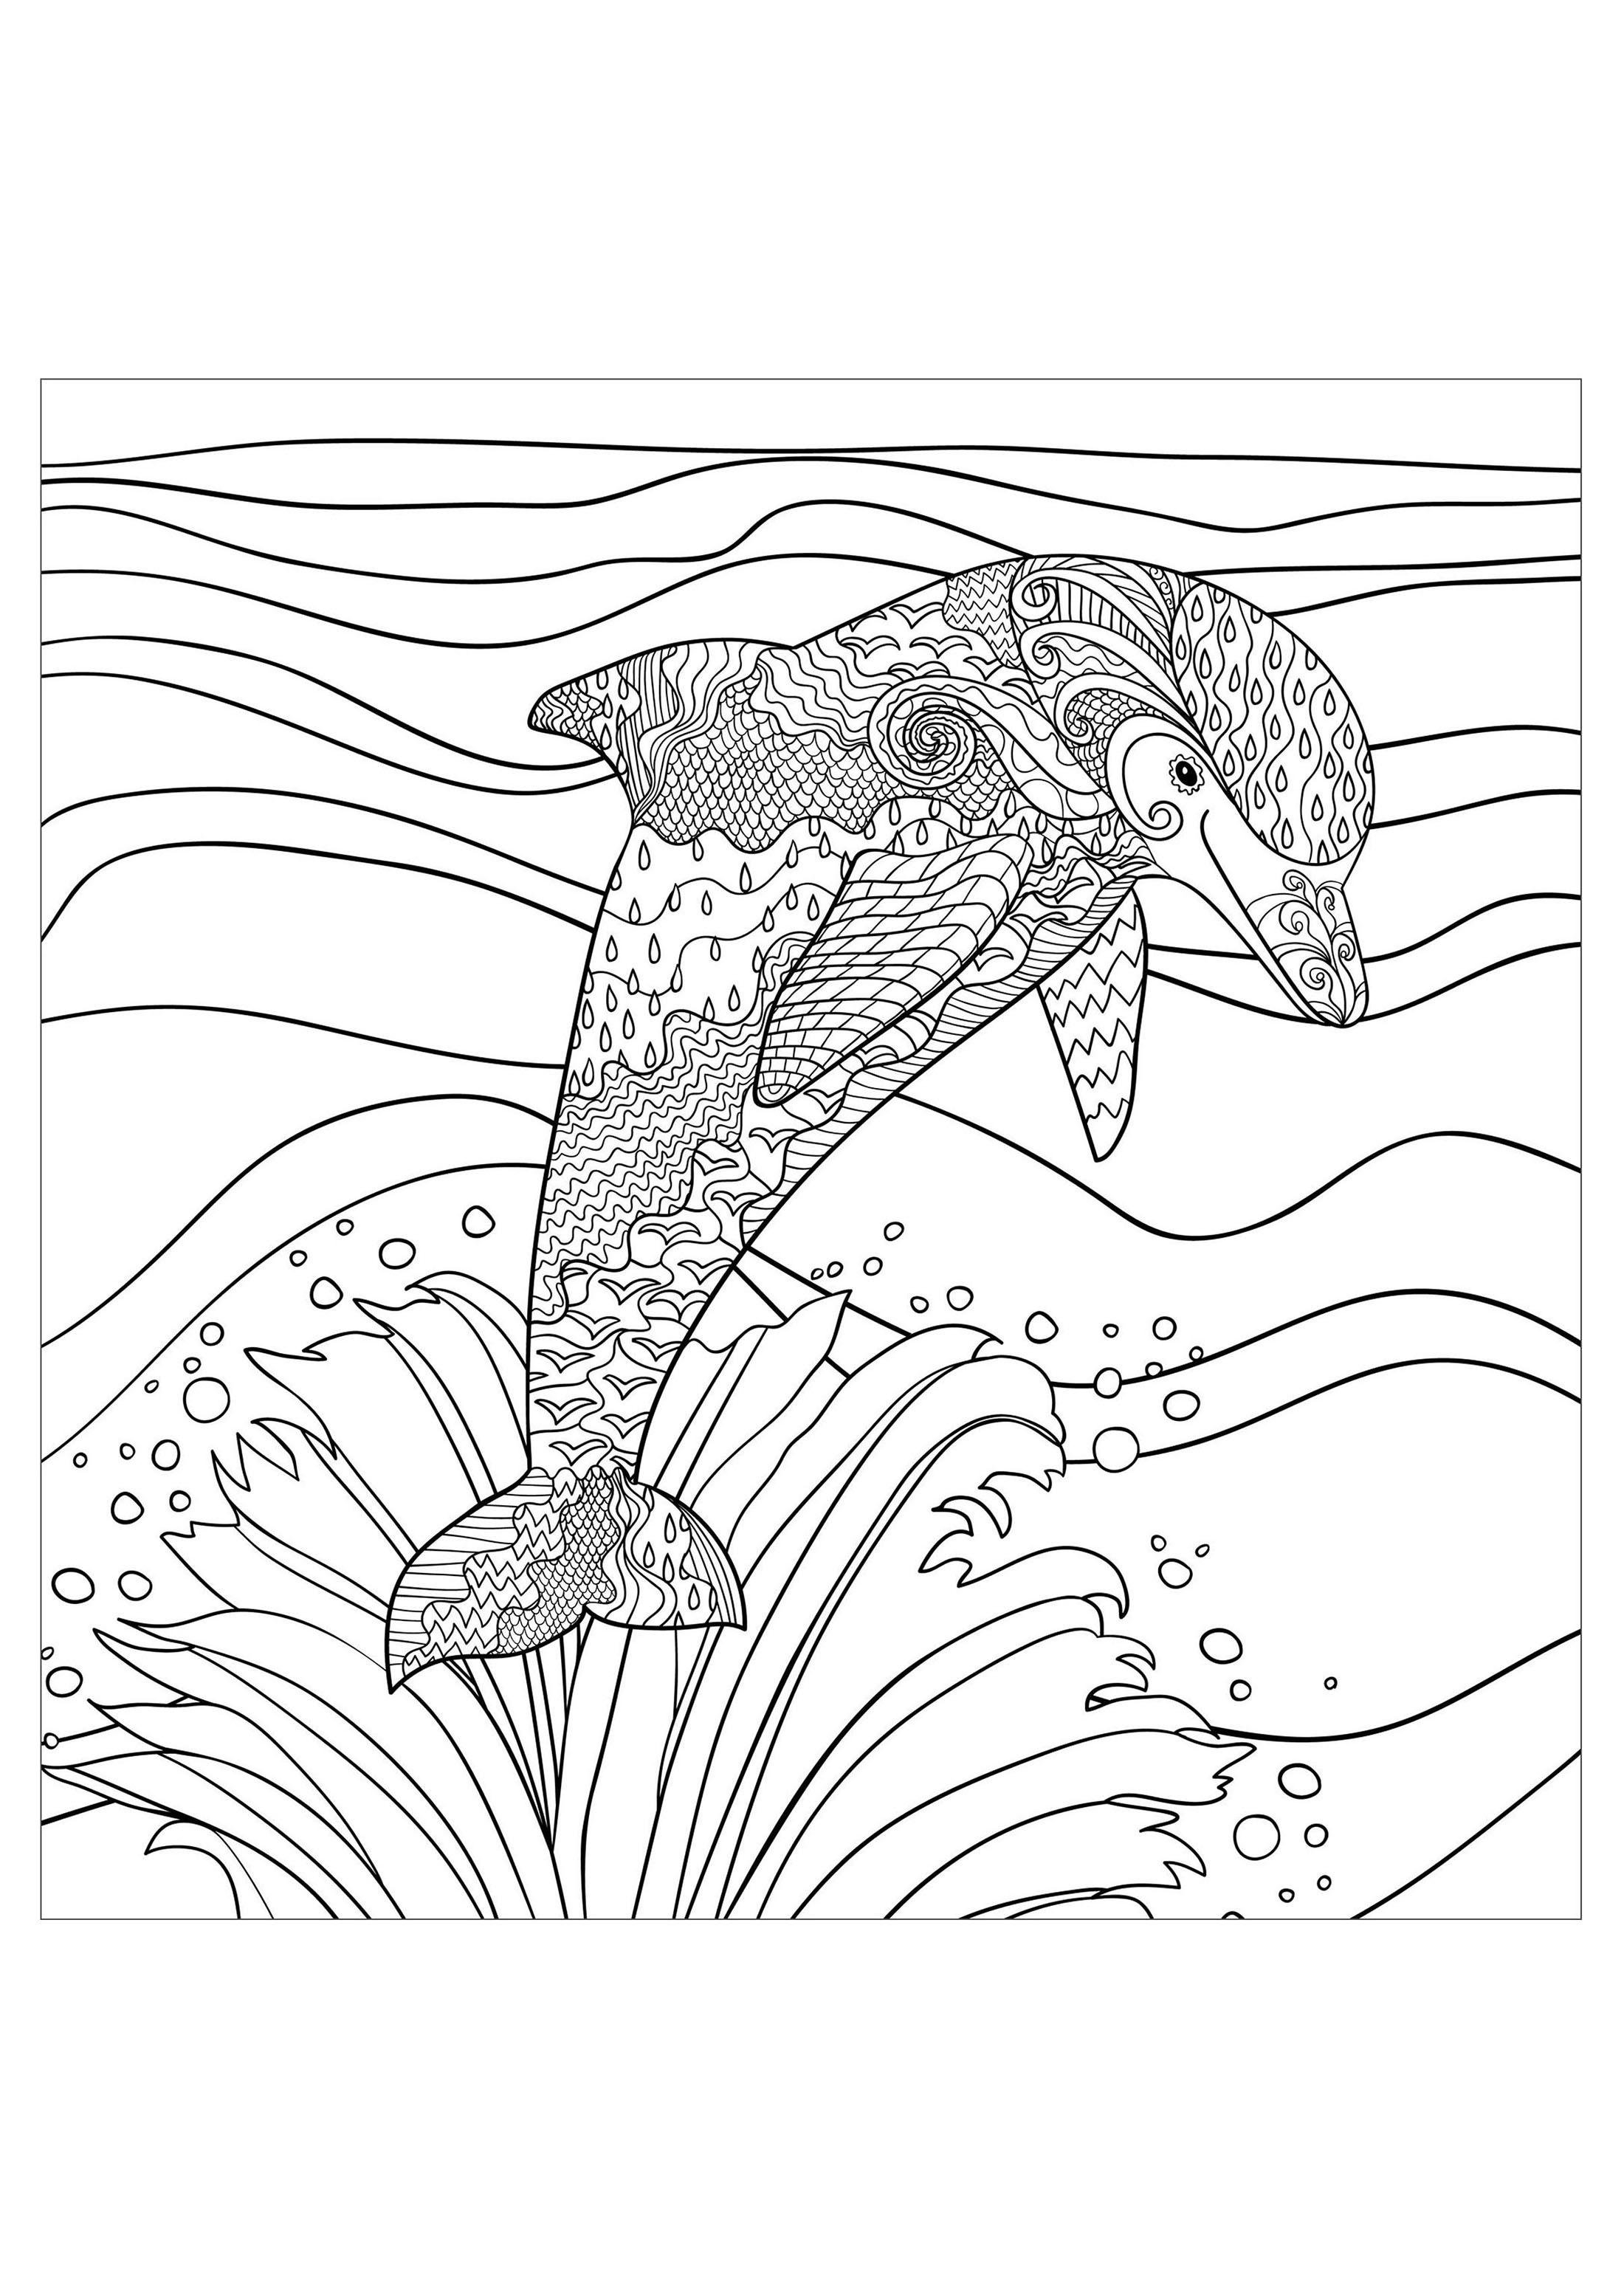 Dauphin vagues mer - Dauphins - Coloriages difficiles pour adultes